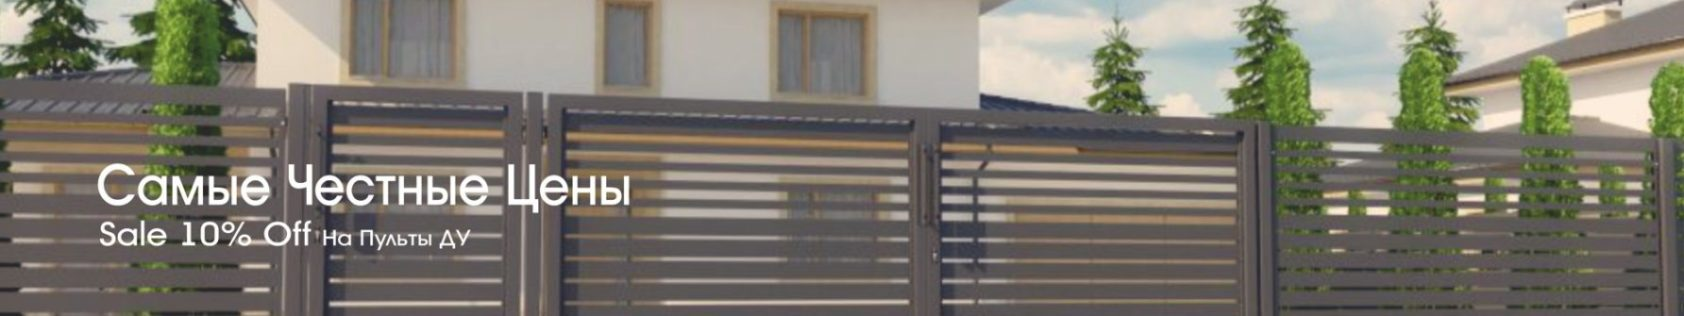 Забор. Честные цены на Пульты ДУ